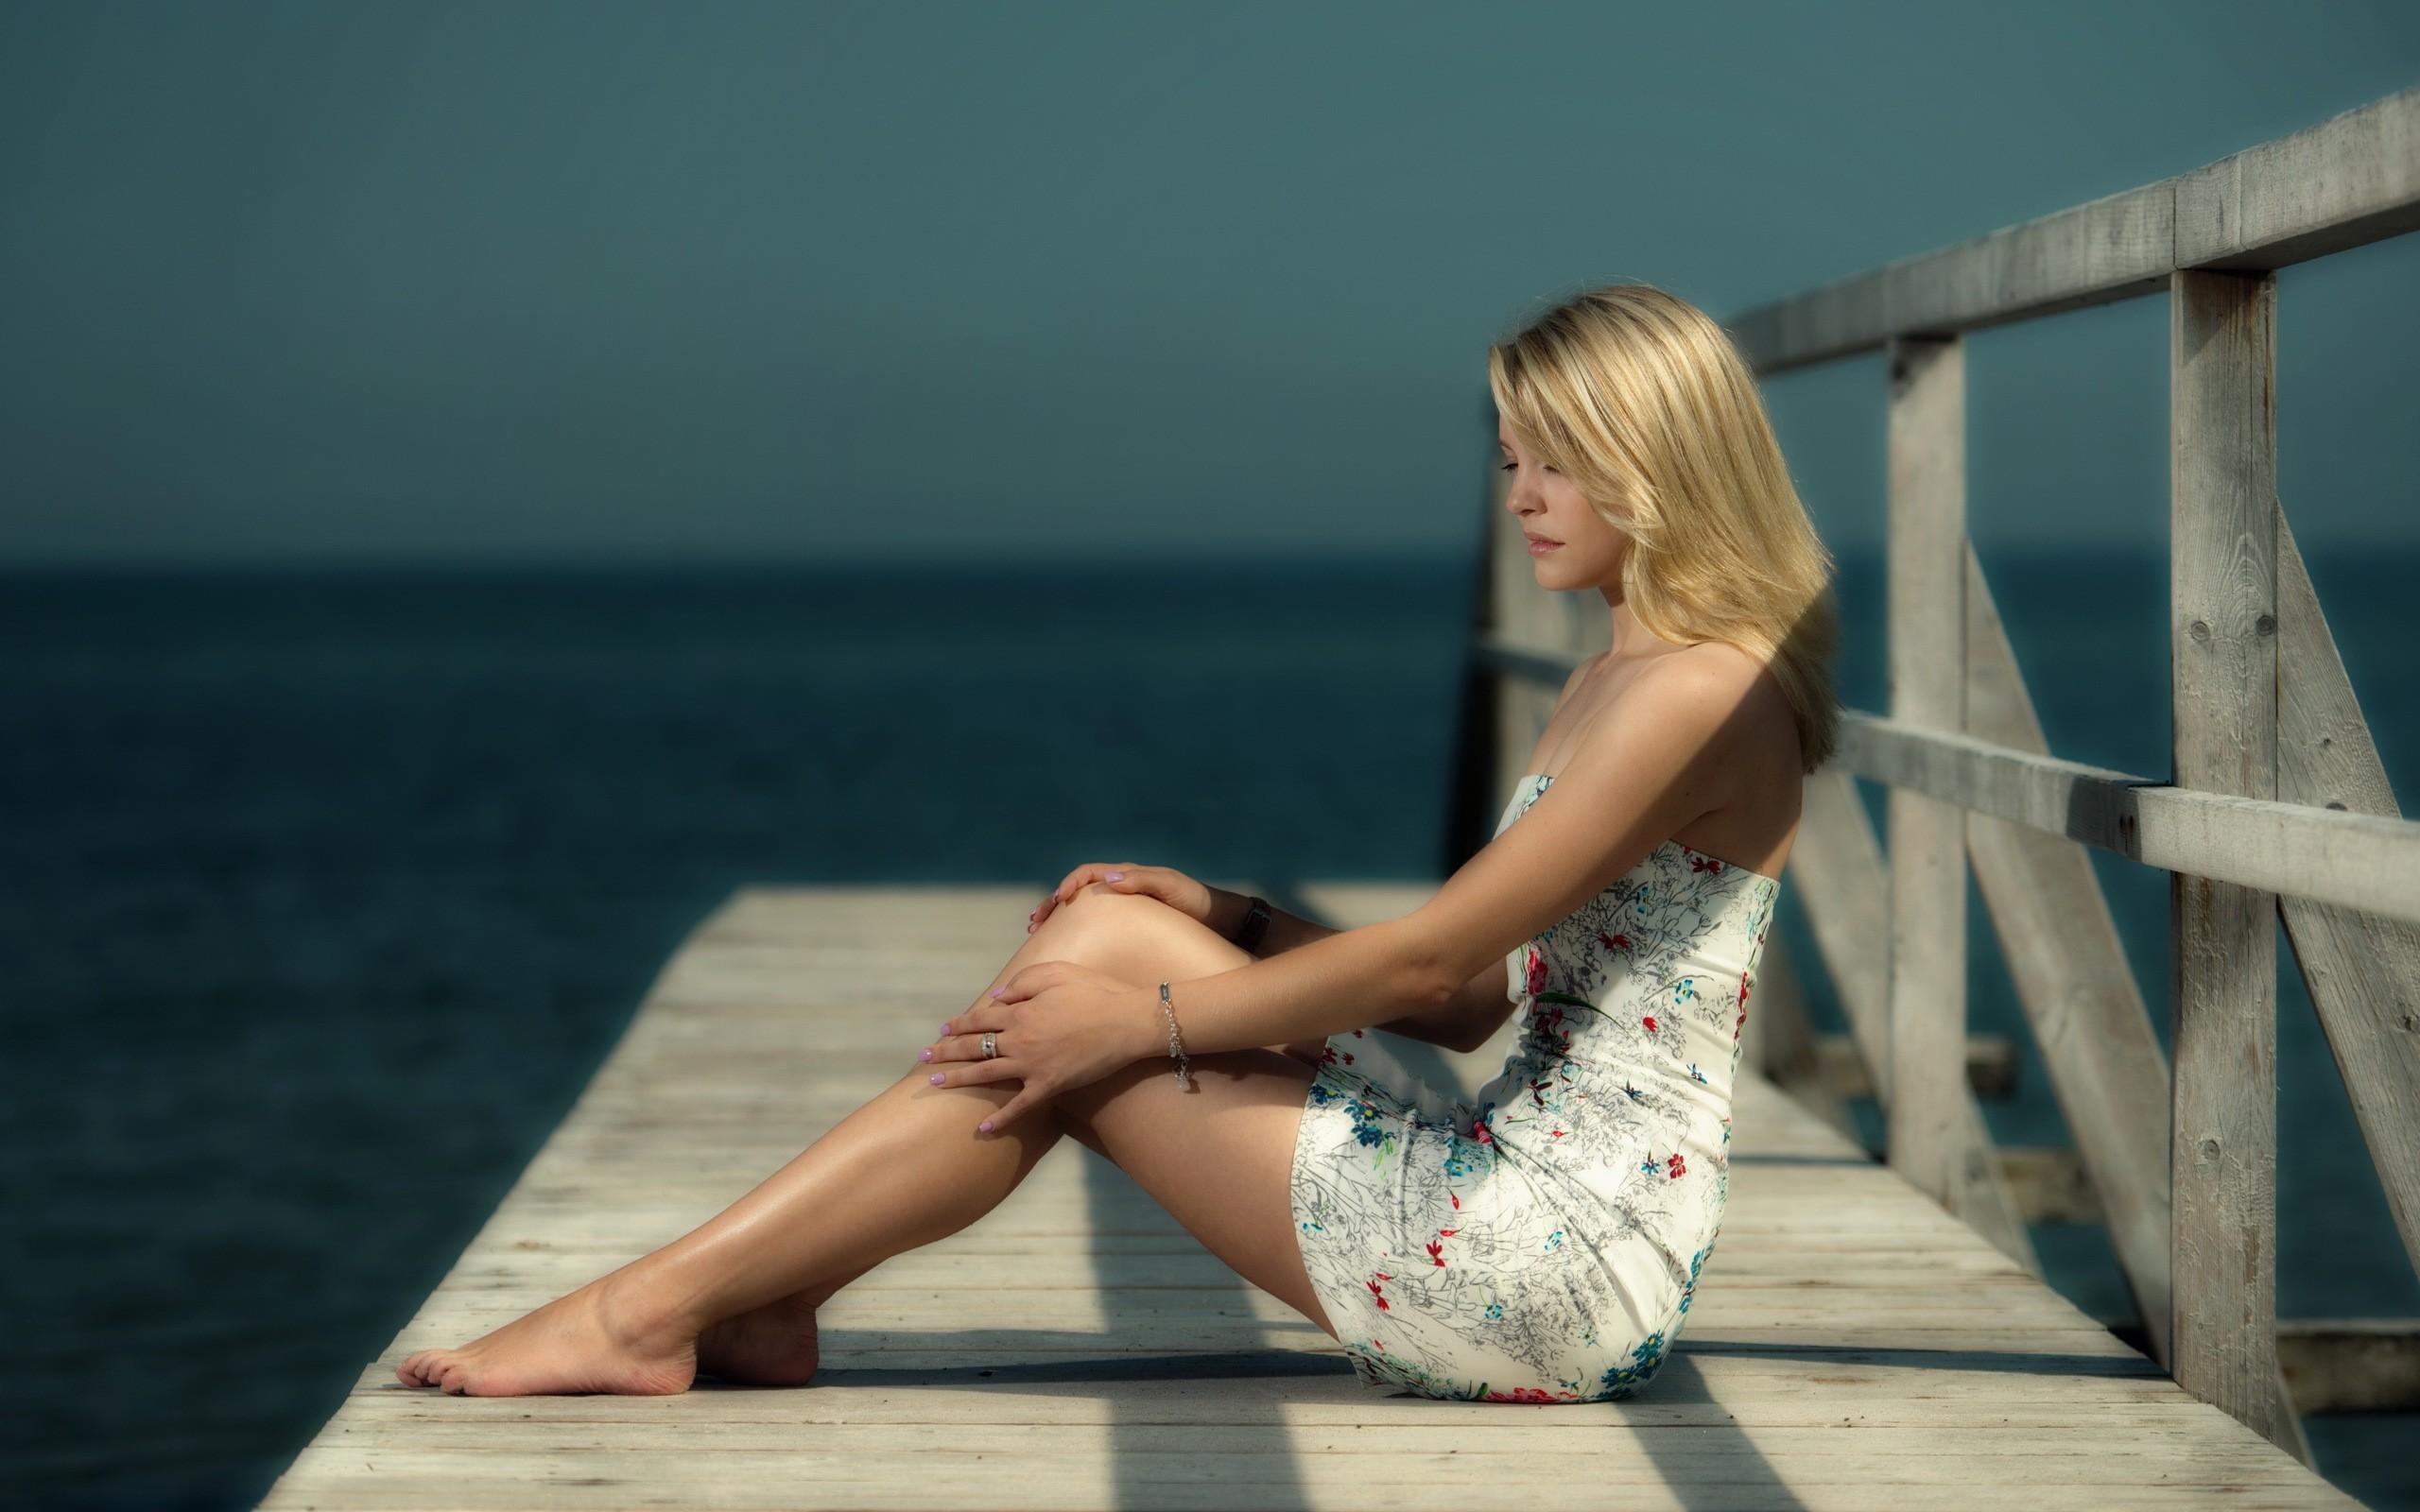 Своими руками, картинки на мосту блондинка